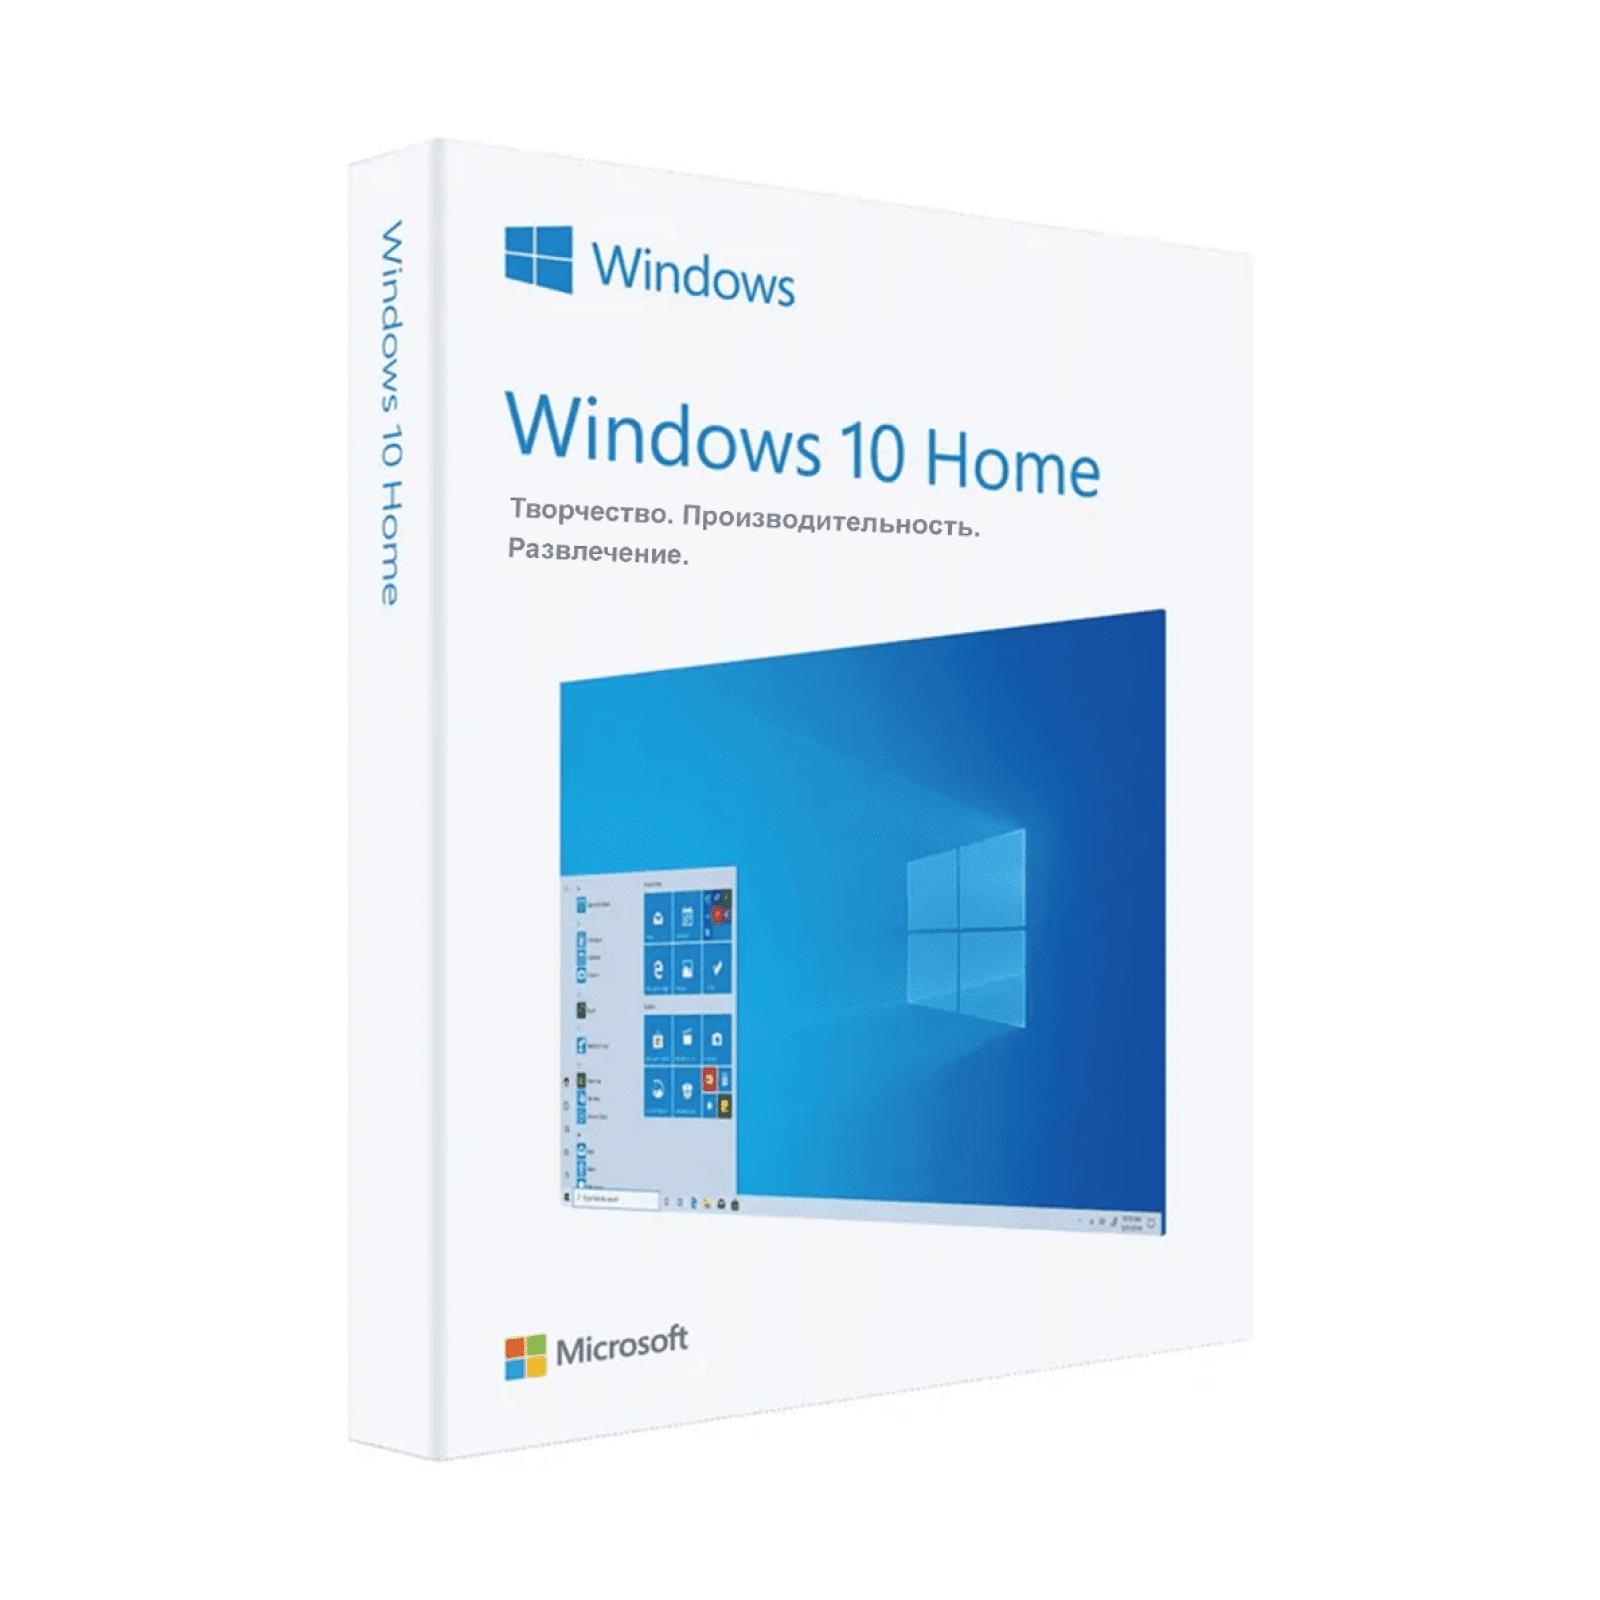 Купить лицензионный ключ активации для Windows 10 Home (Домашняя) за 880р